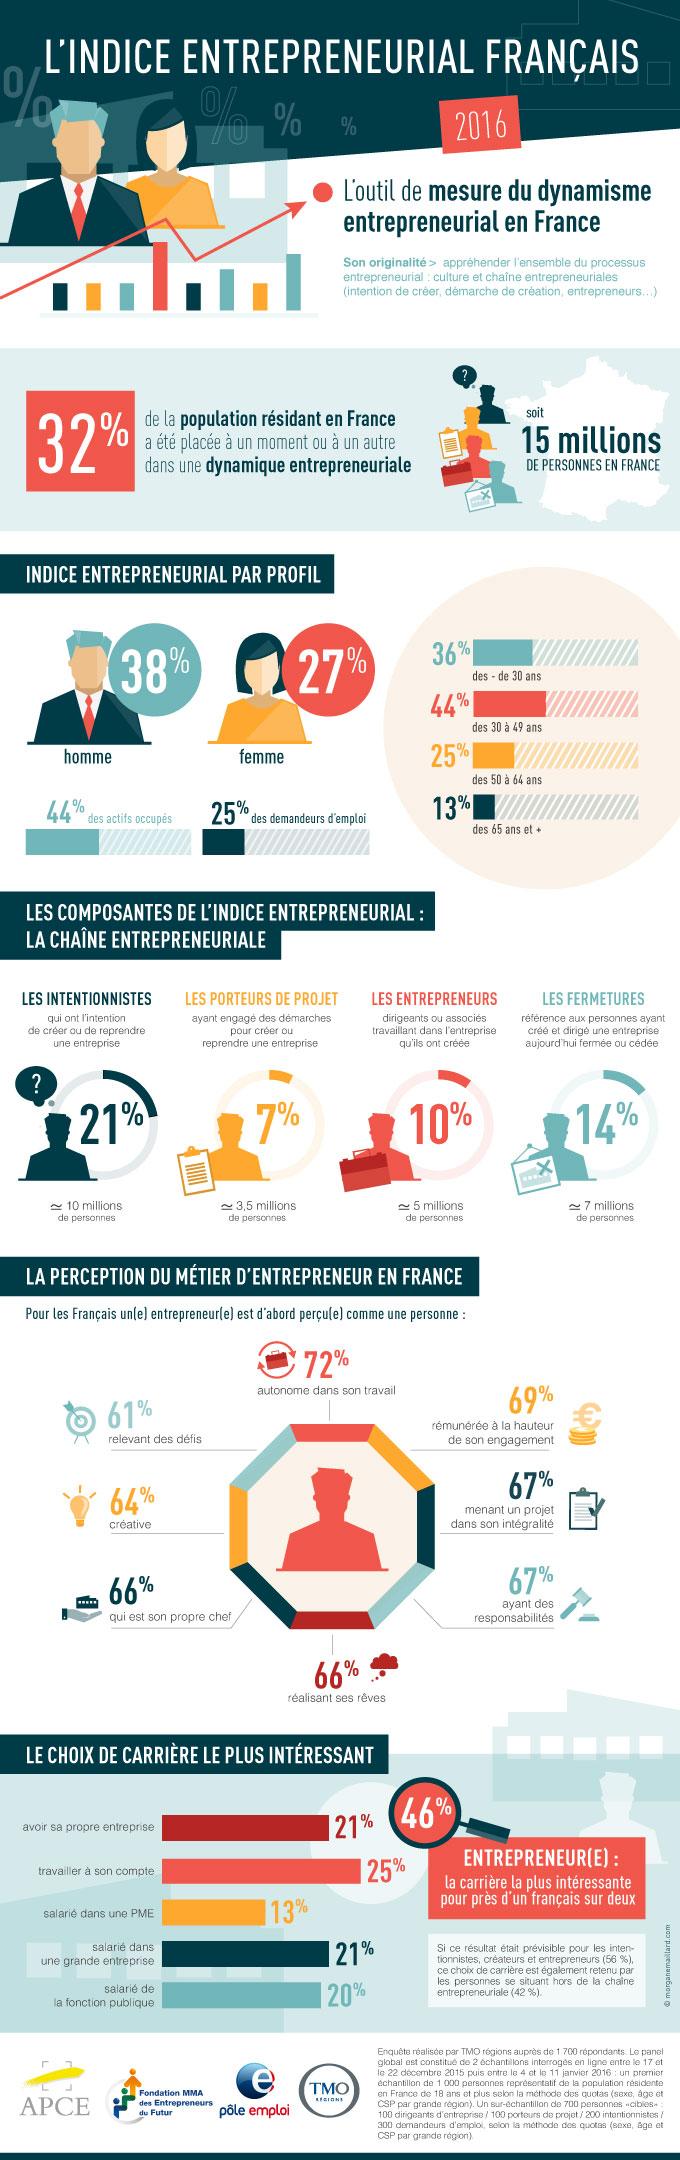 Infographie Indice Entrepreneurial Français